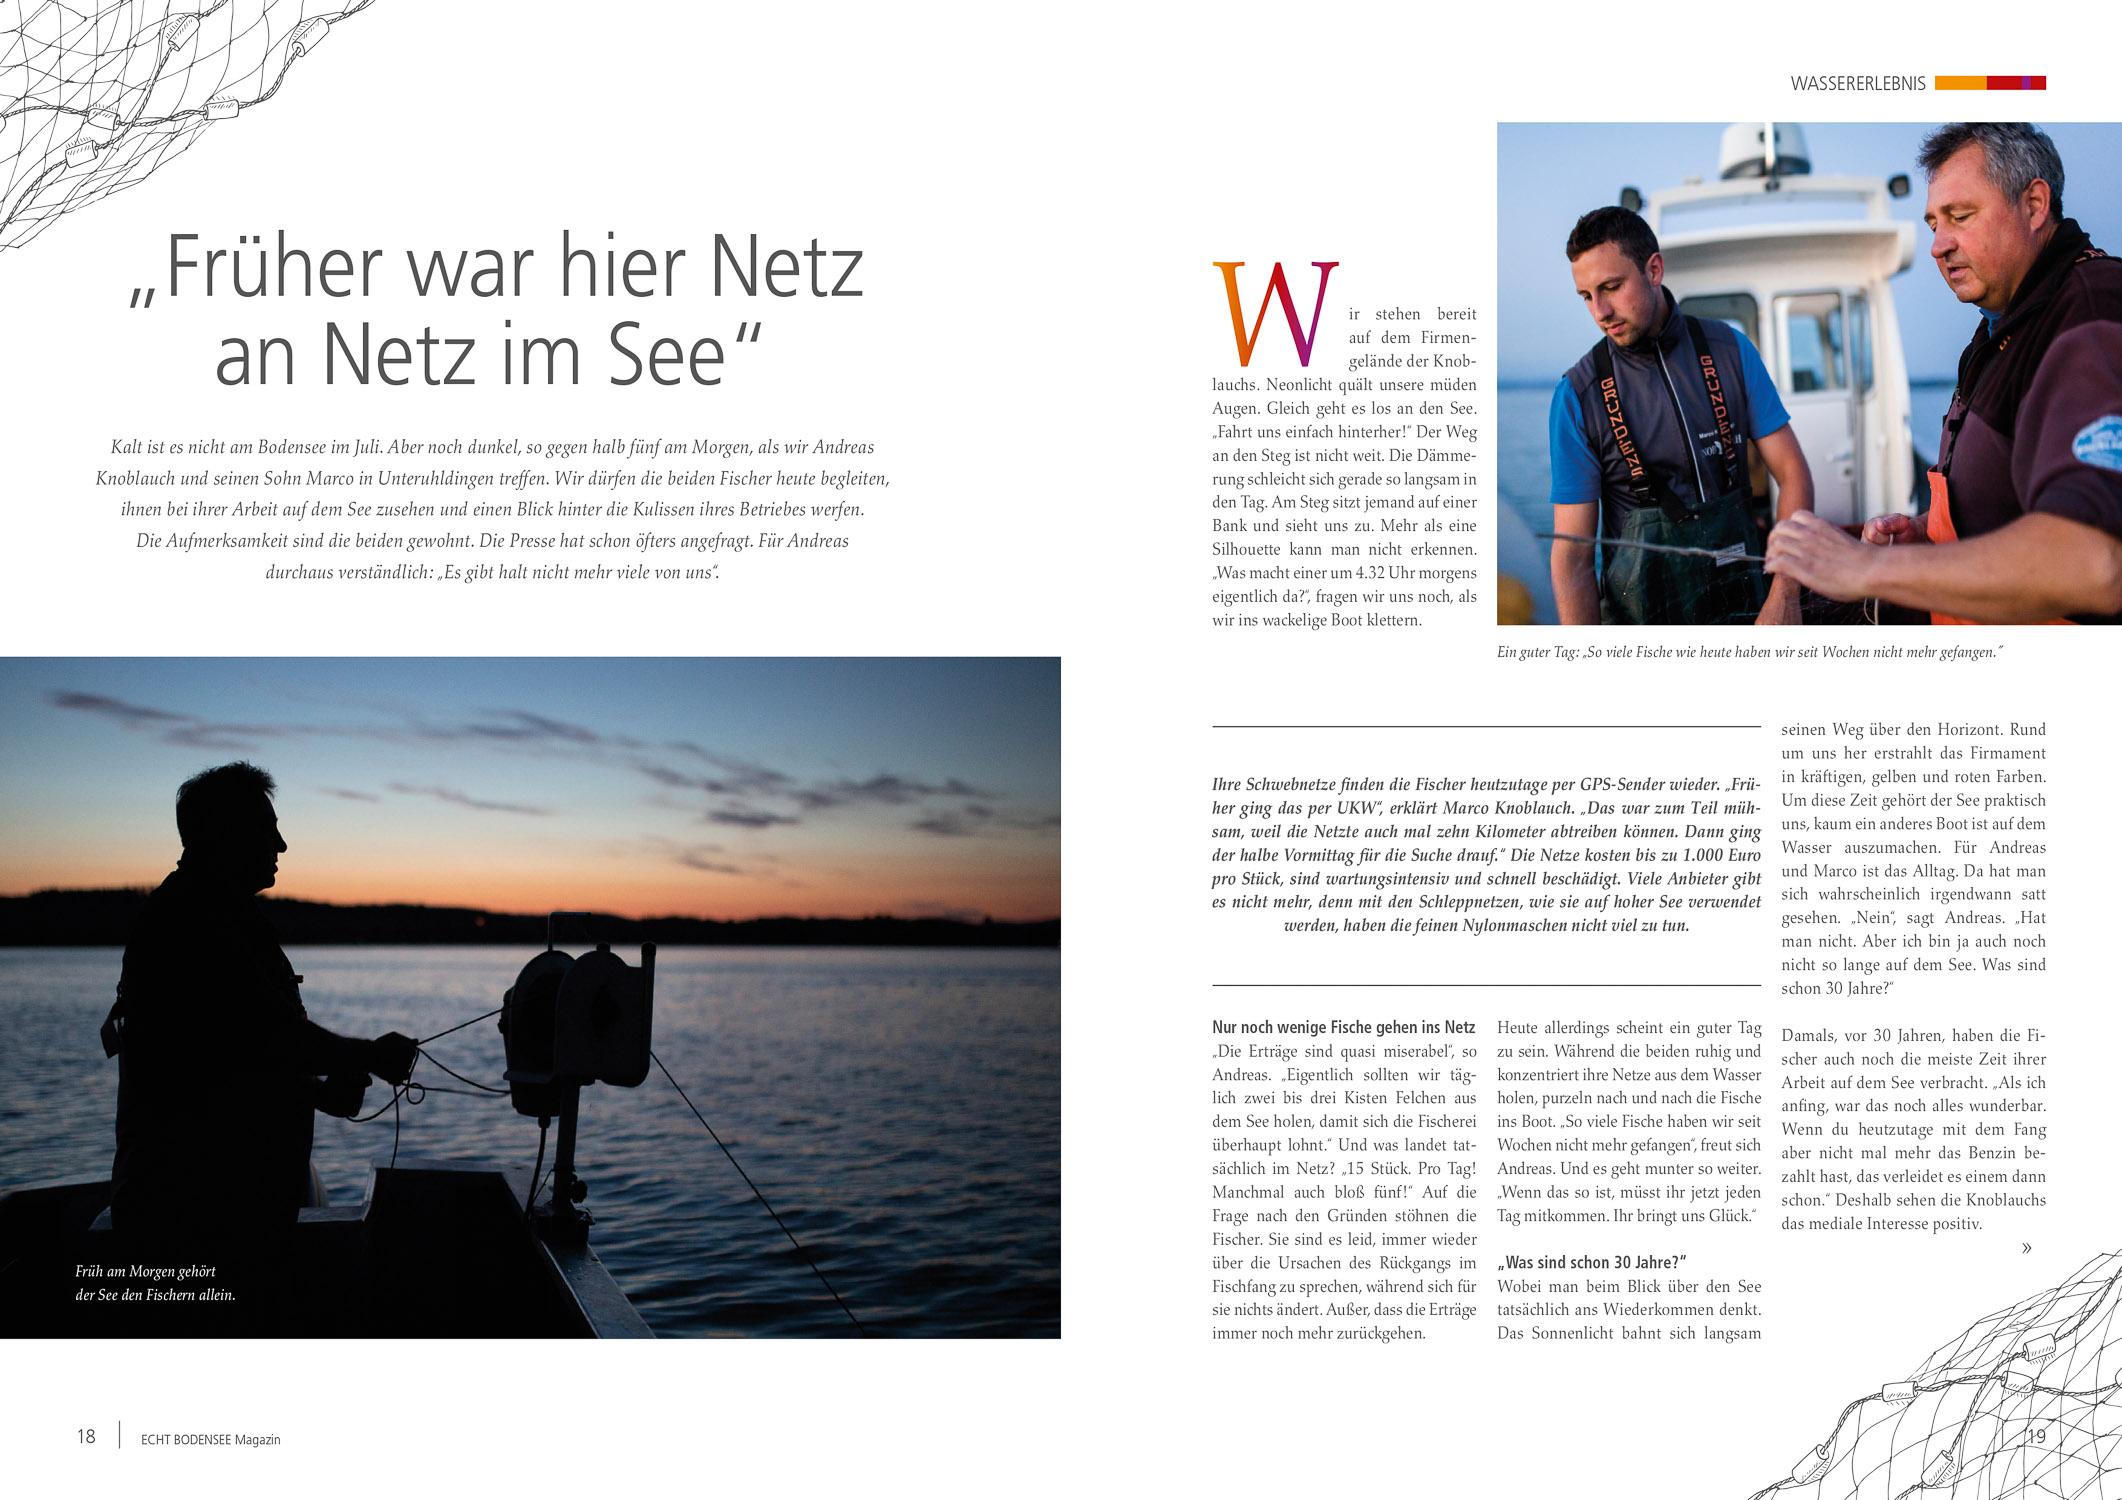 Referenz, DBT Magazin, Lisa Dünser Fotografie